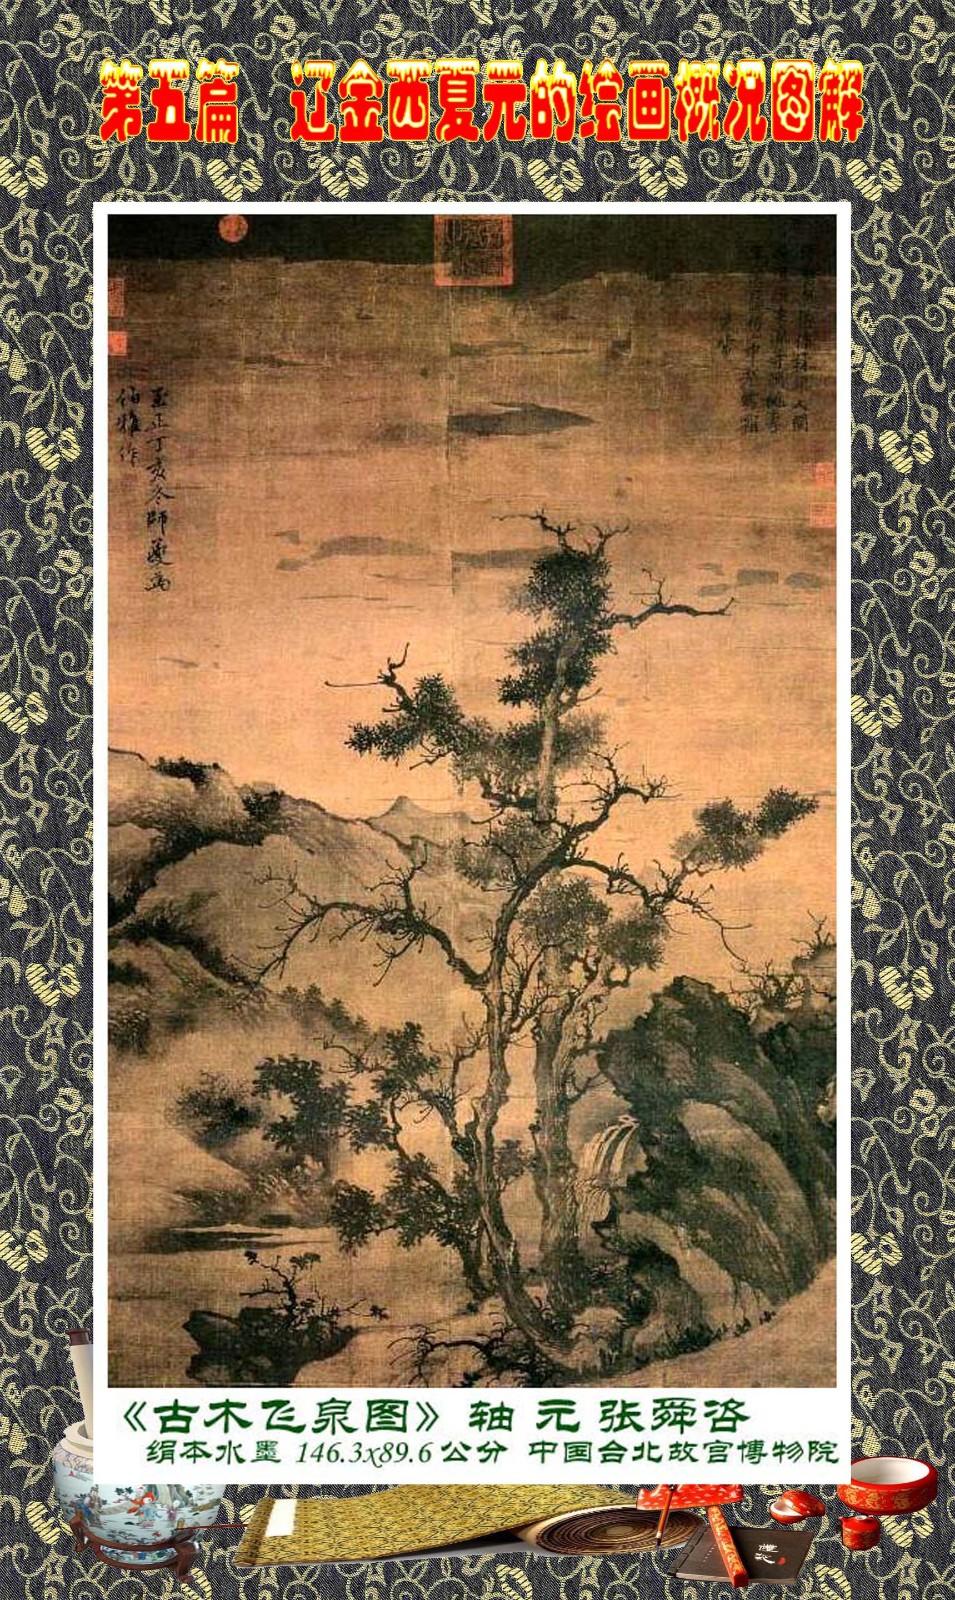 顾绍骅编辑 中国画知识普及版 第五篇 辽金西夏元的绘画概况 下 ... ..._图1-13